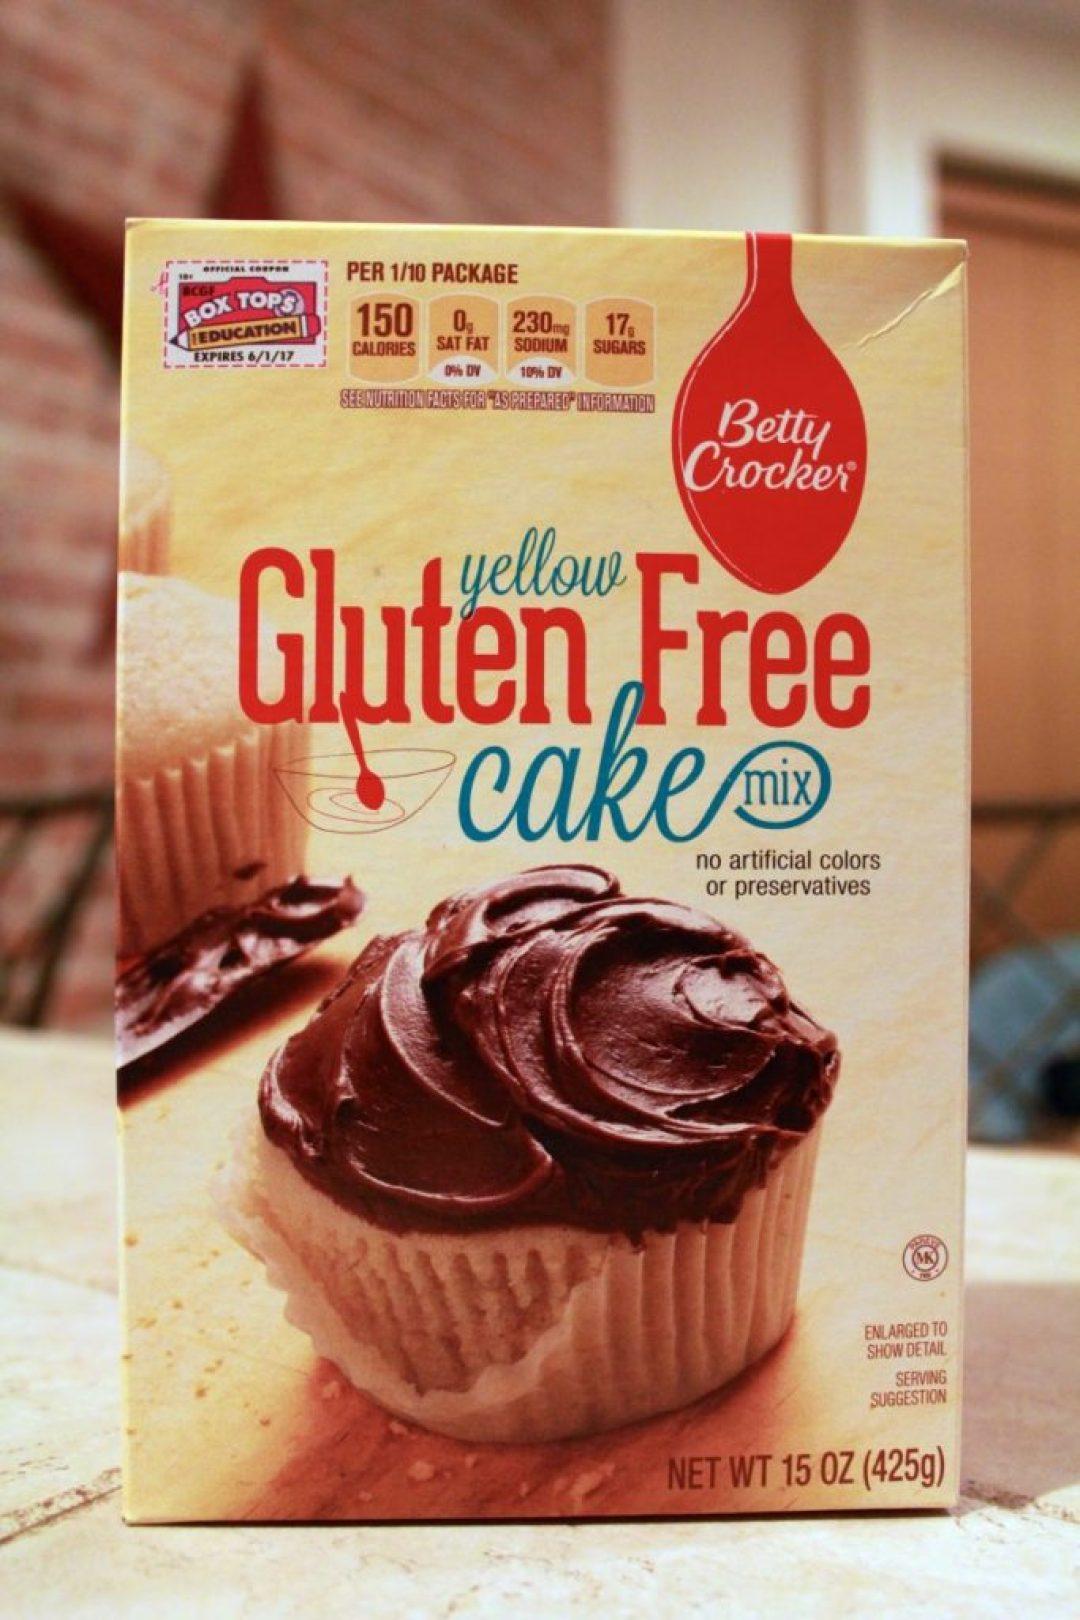 Betty Crocker Gluten Free Cake